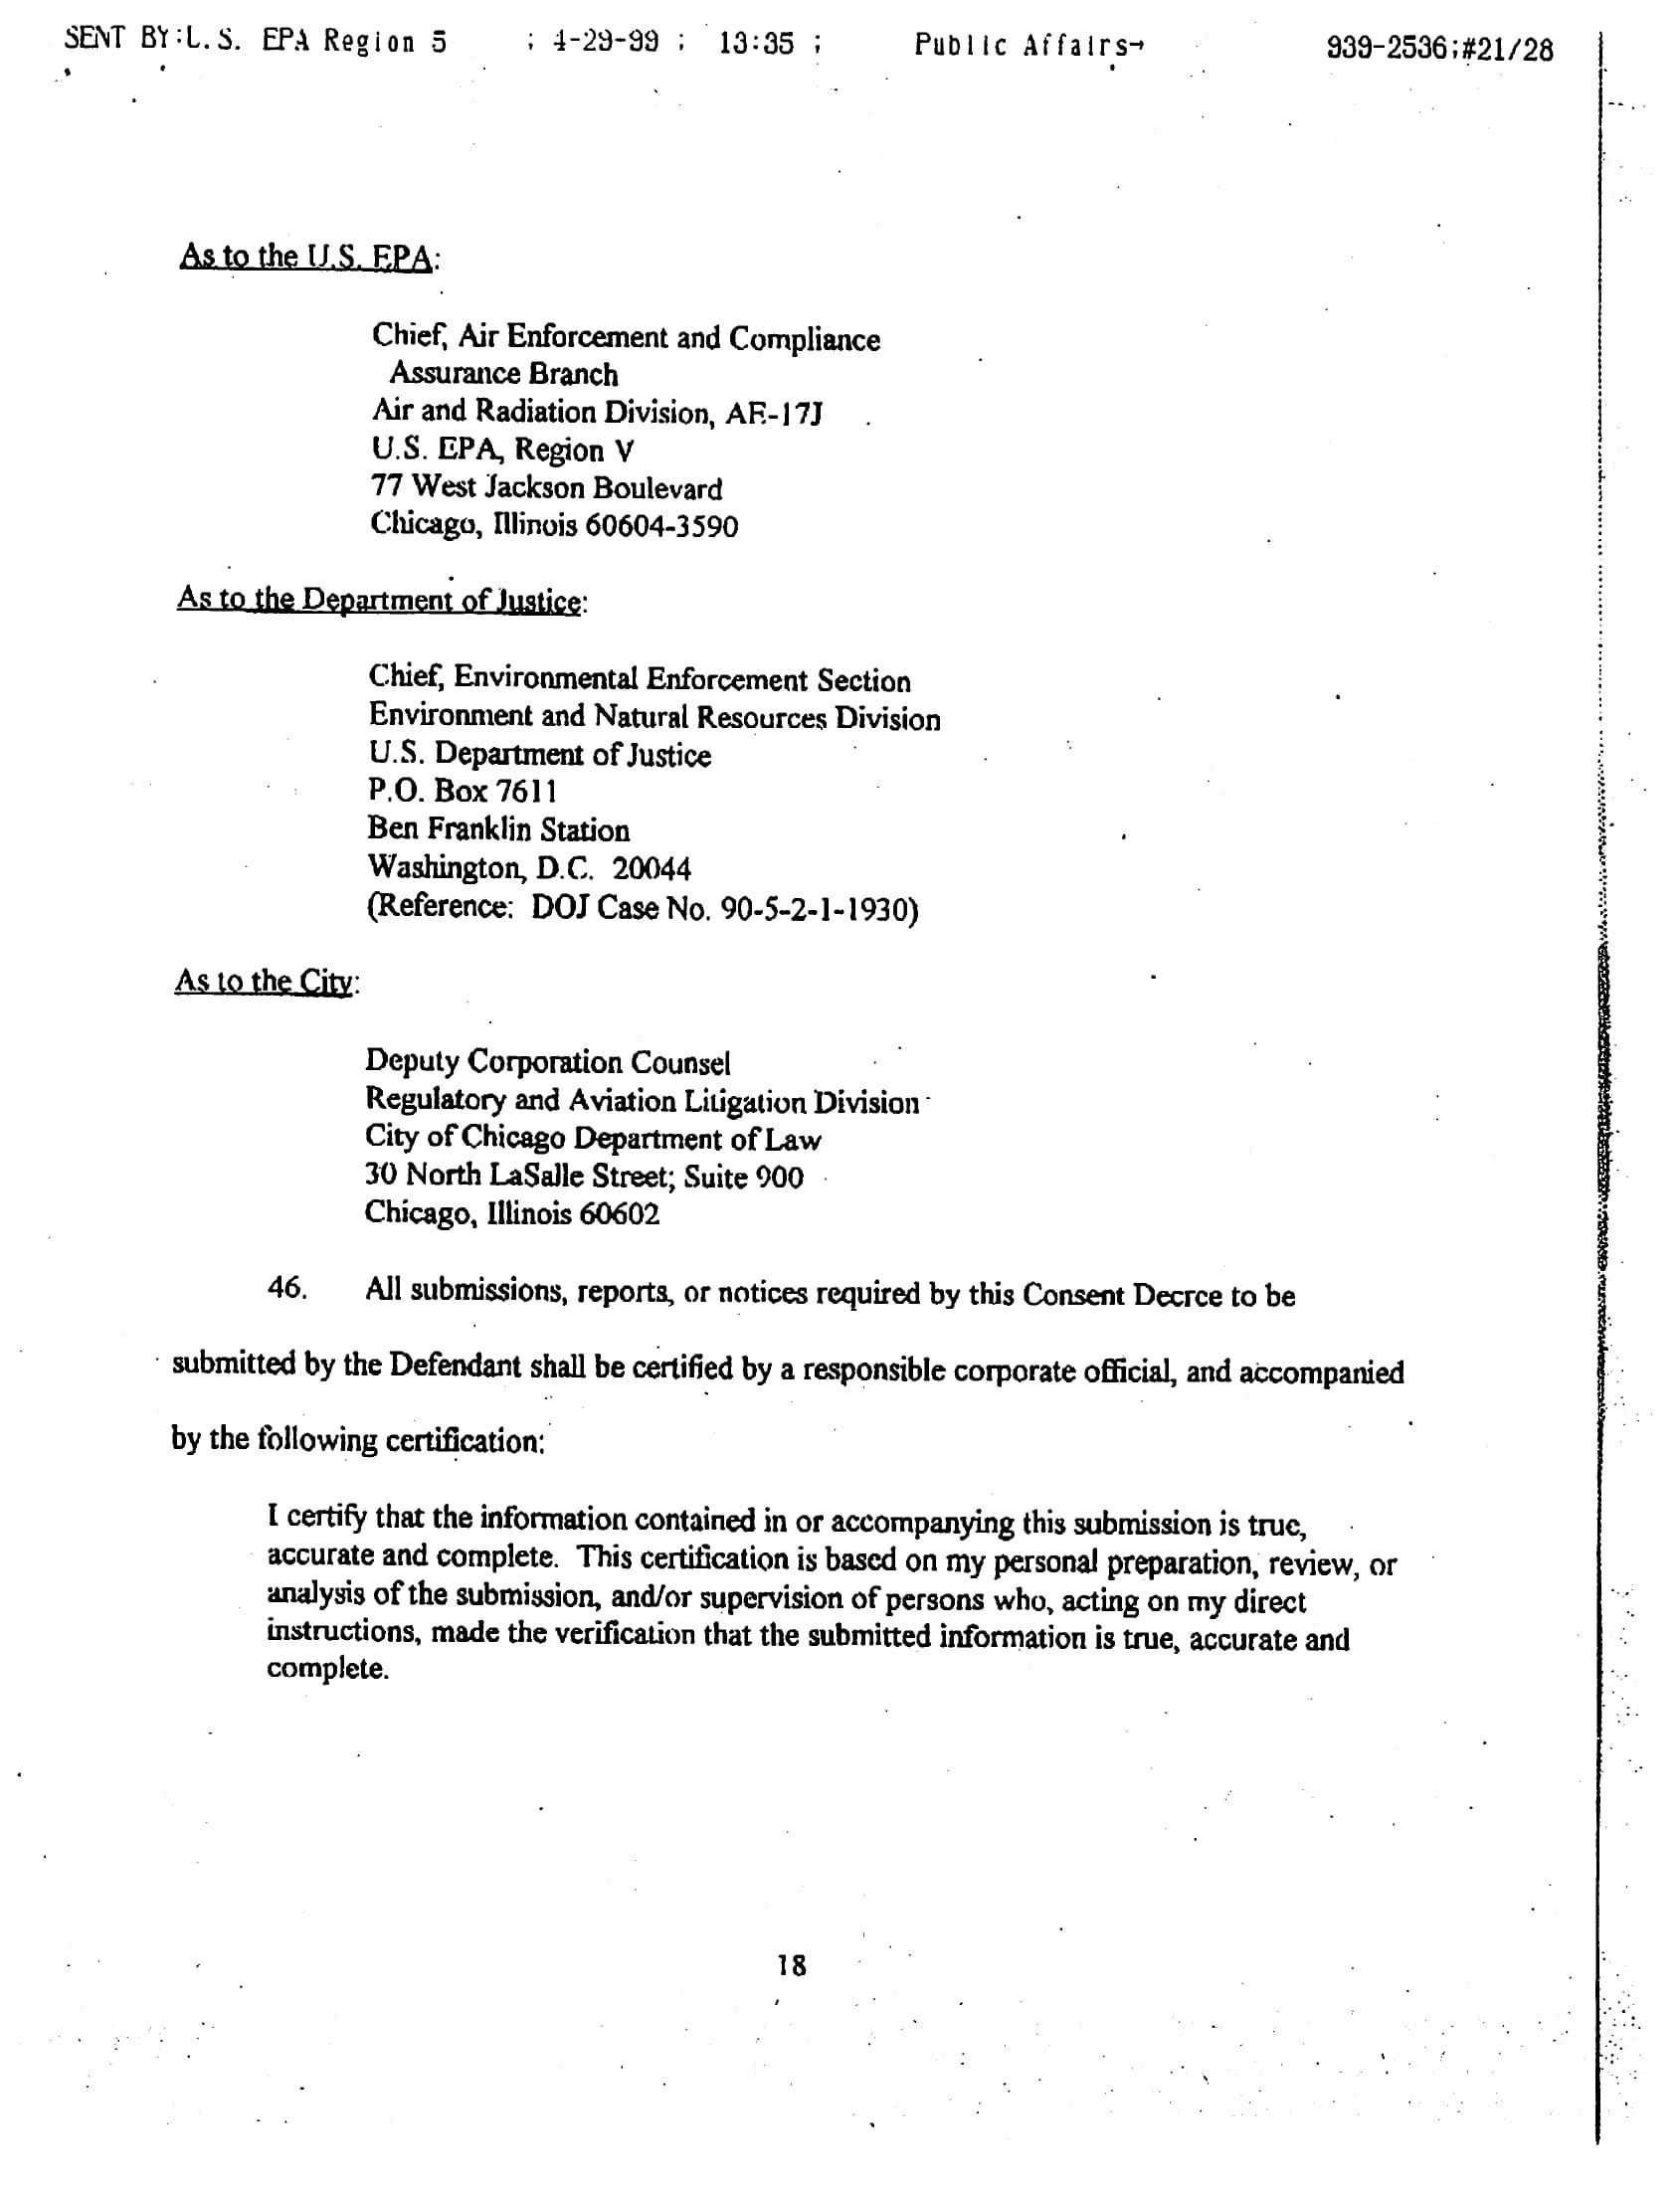 EPA Chicago Settlement-20.jpg